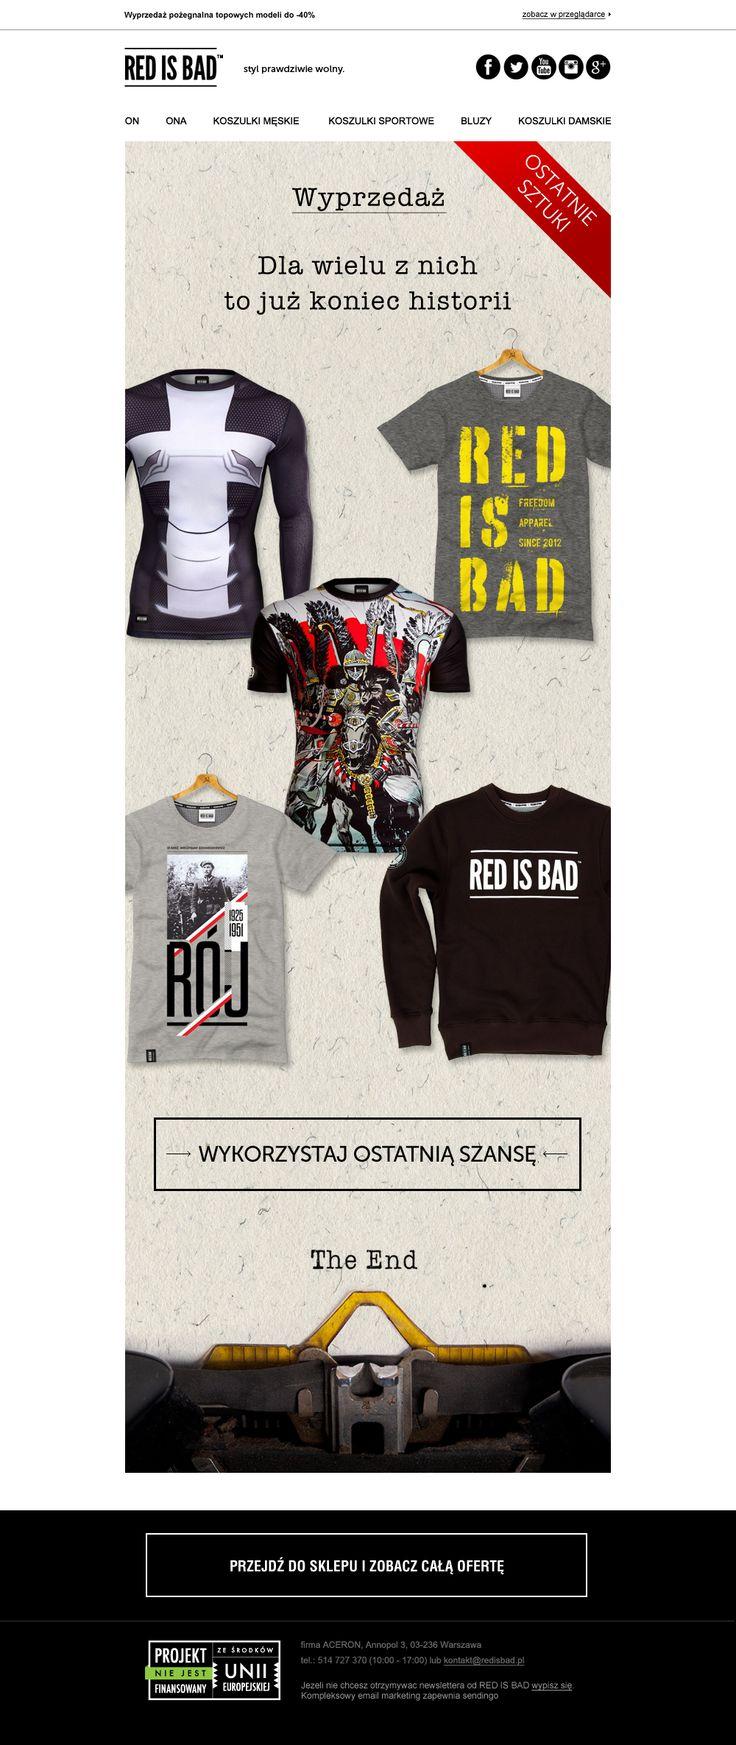 Newsletter ostatniej szansy -nawołujący do kupna koszulek, których produkcja zostaje zakończona. Kampania przygotowana dla marki Red is Bad. #newsletter #email #template #redisbad #design